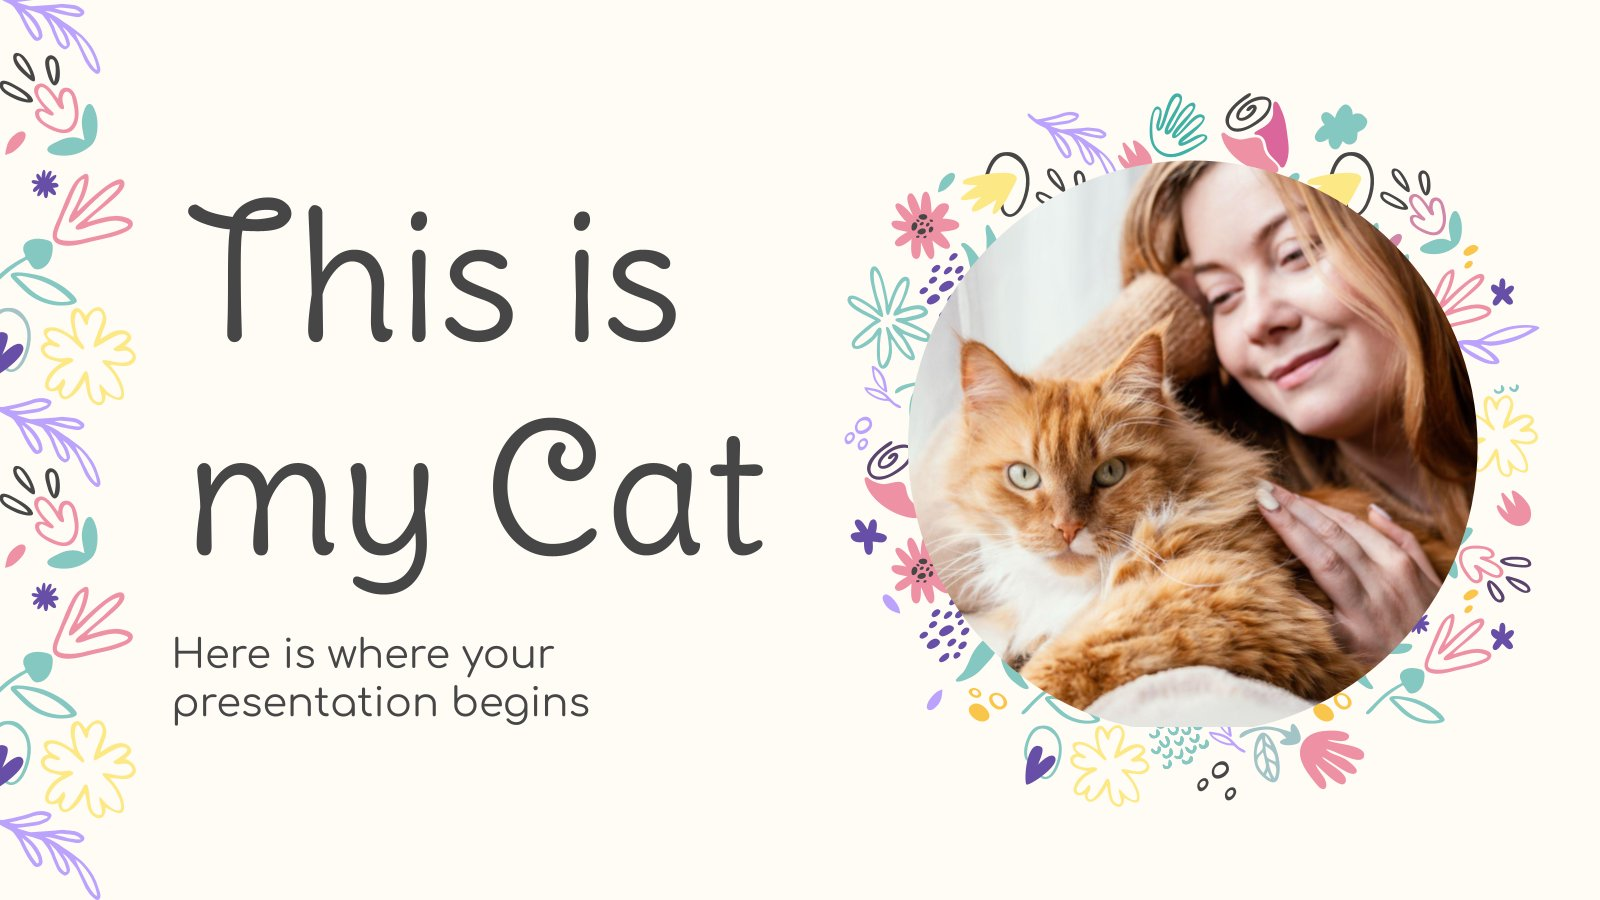 C'est mon chat : Modèles de présentation